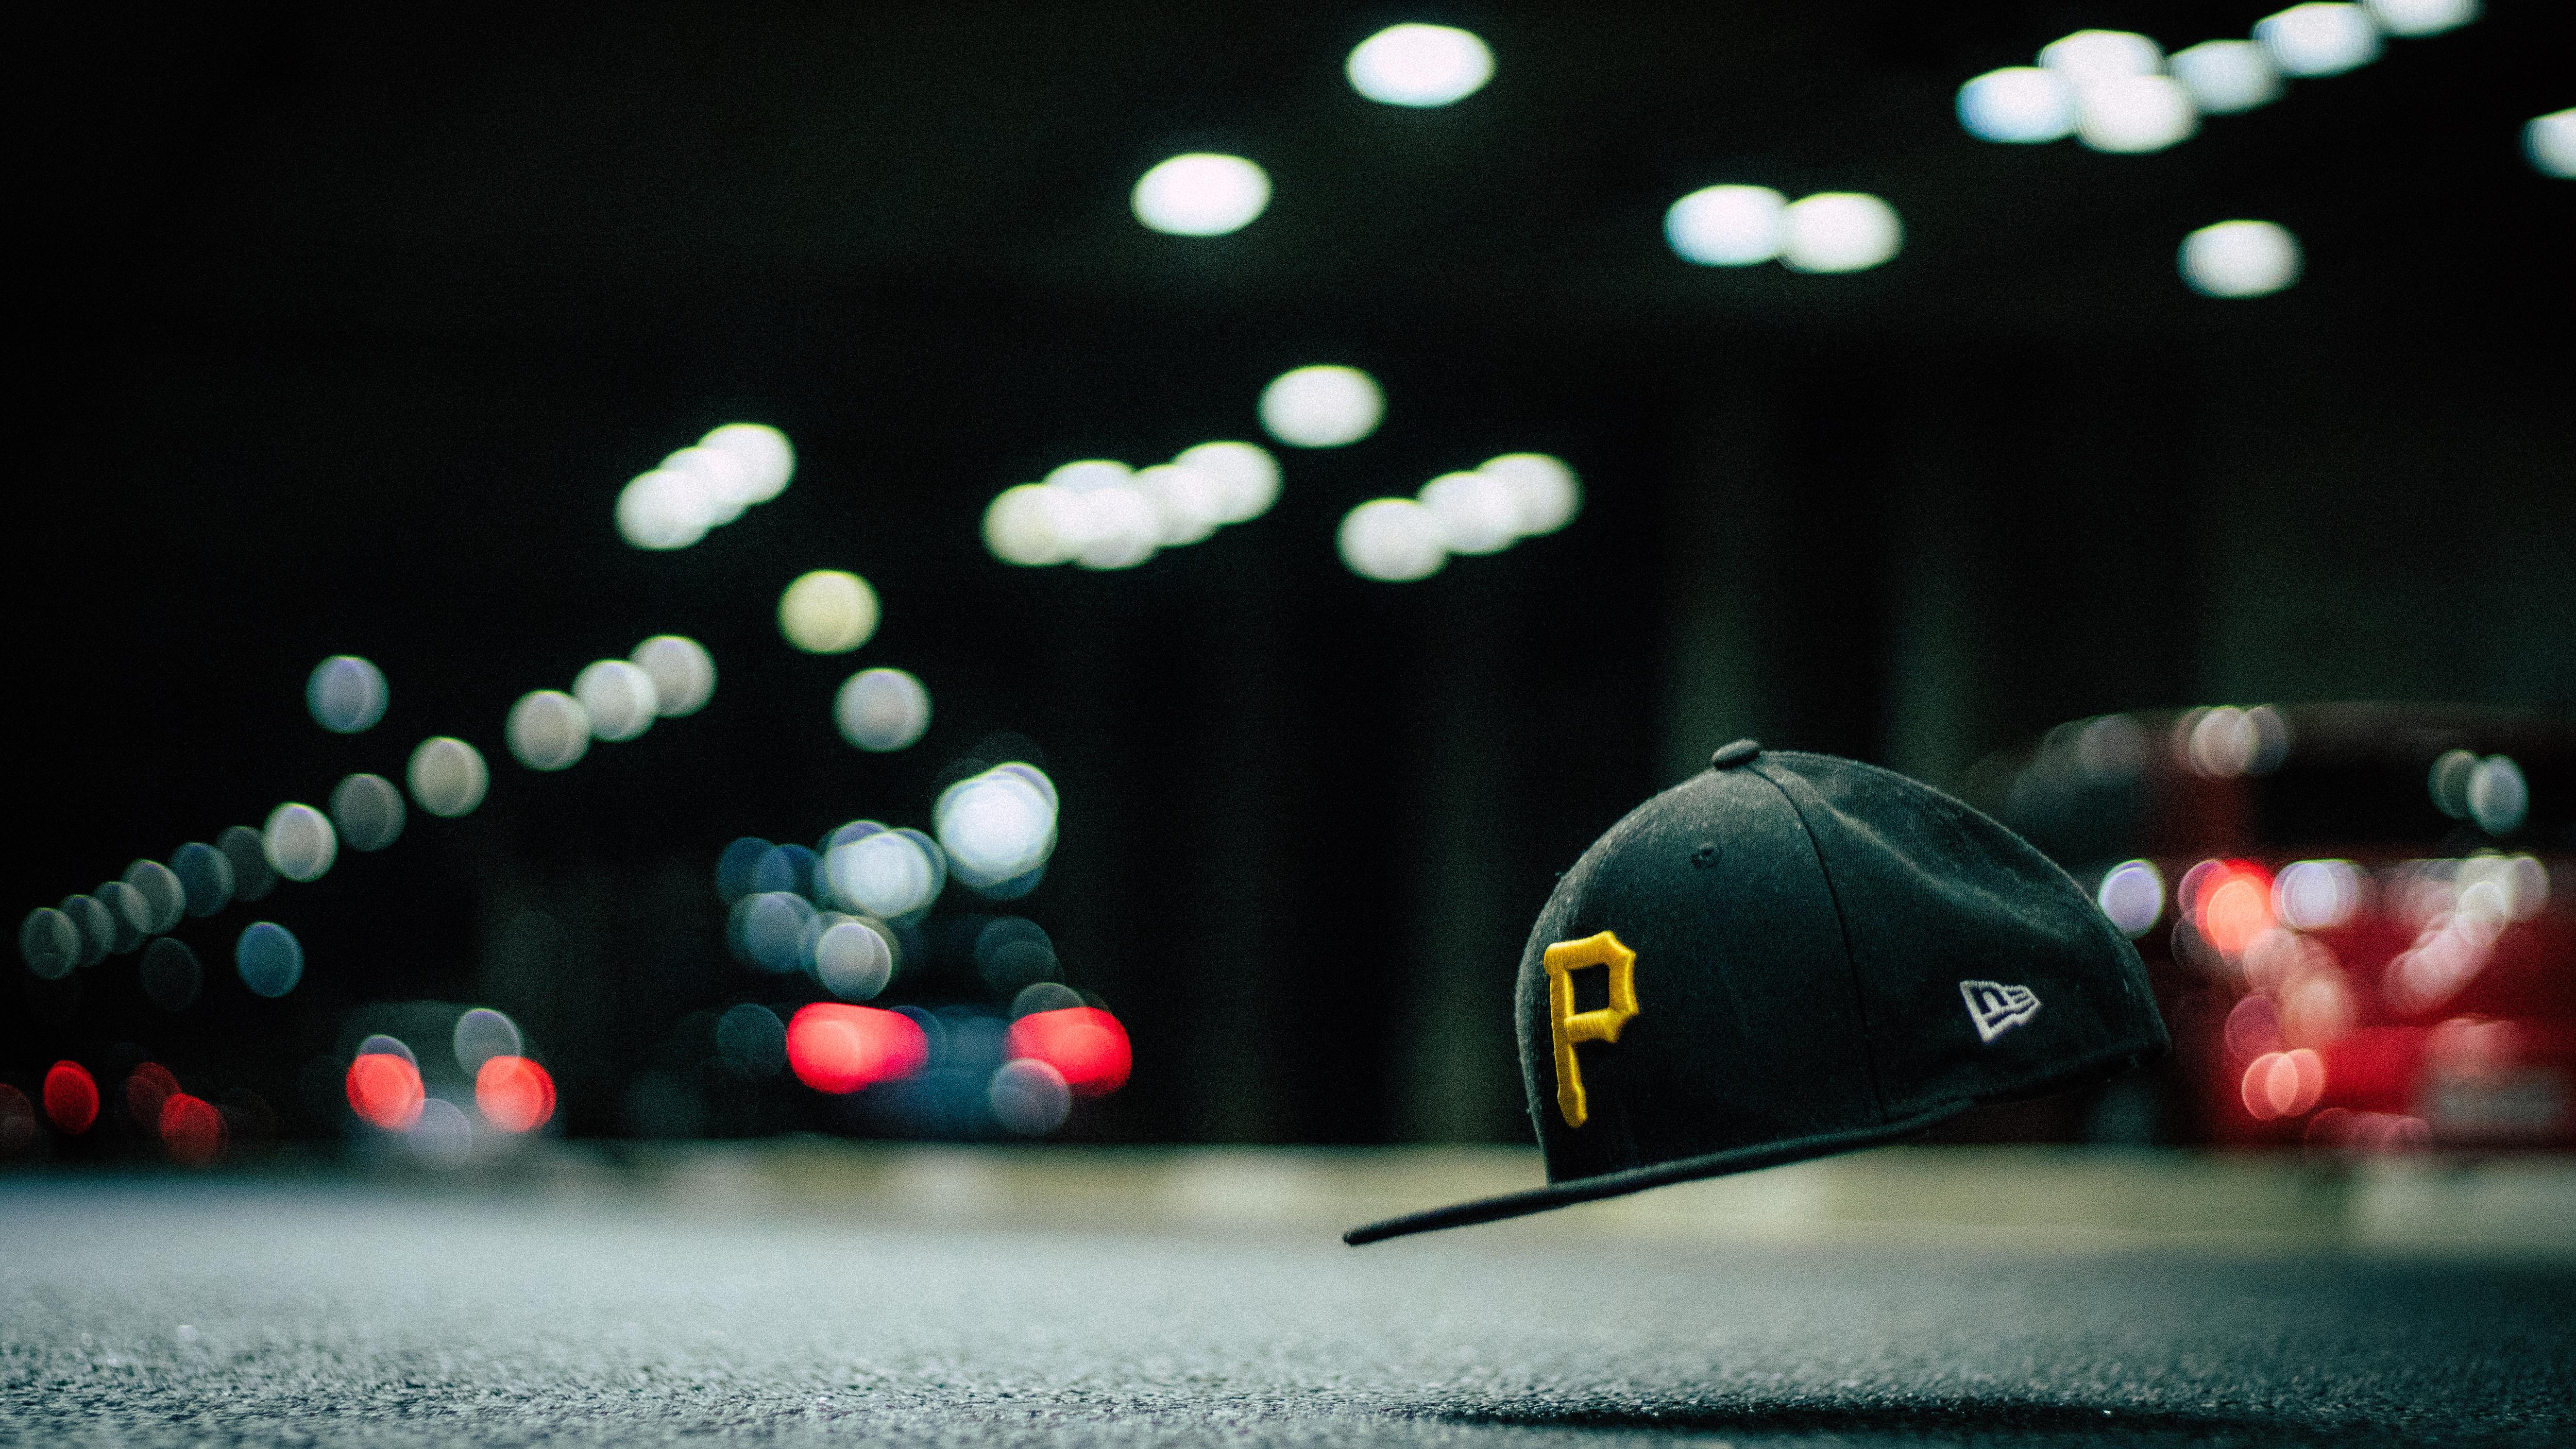 מגוון כובעים ממותגים ביבוא מקביל